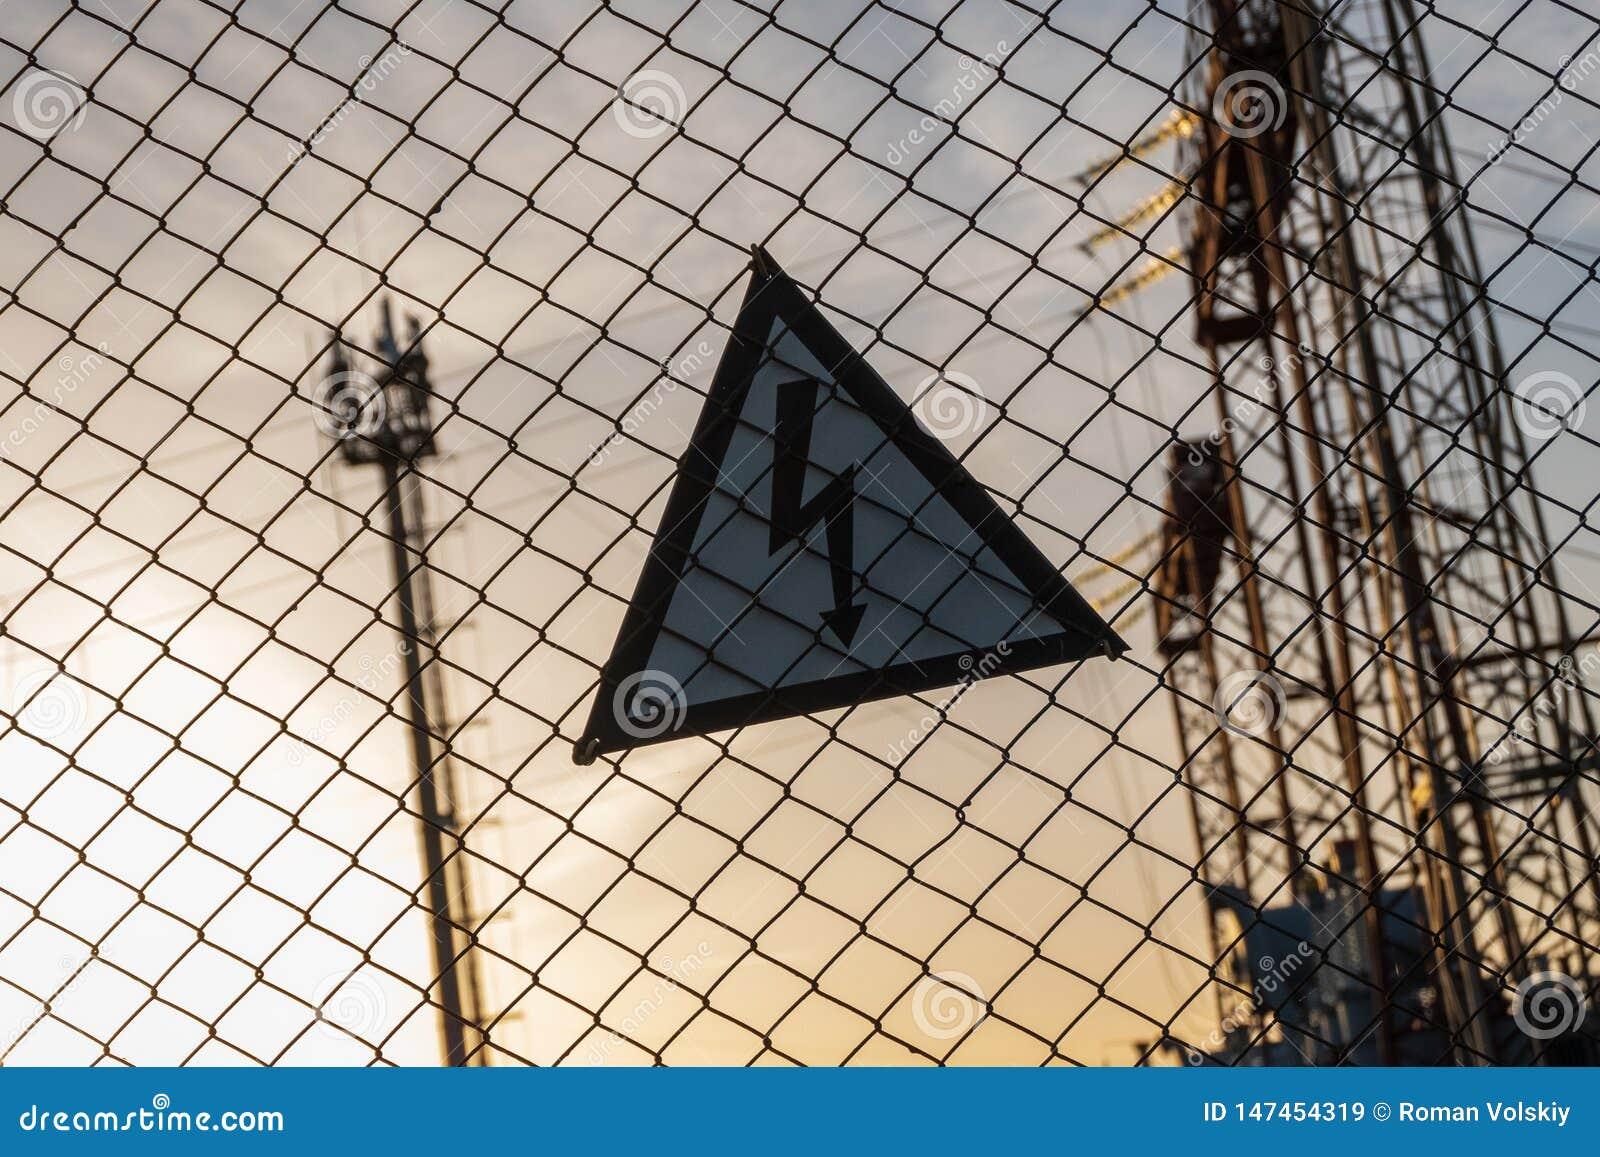 Varnande triangulärt tecken med en blixtbild på det netto staketet Farligt - hög spänning elektrisk avdelningskontor